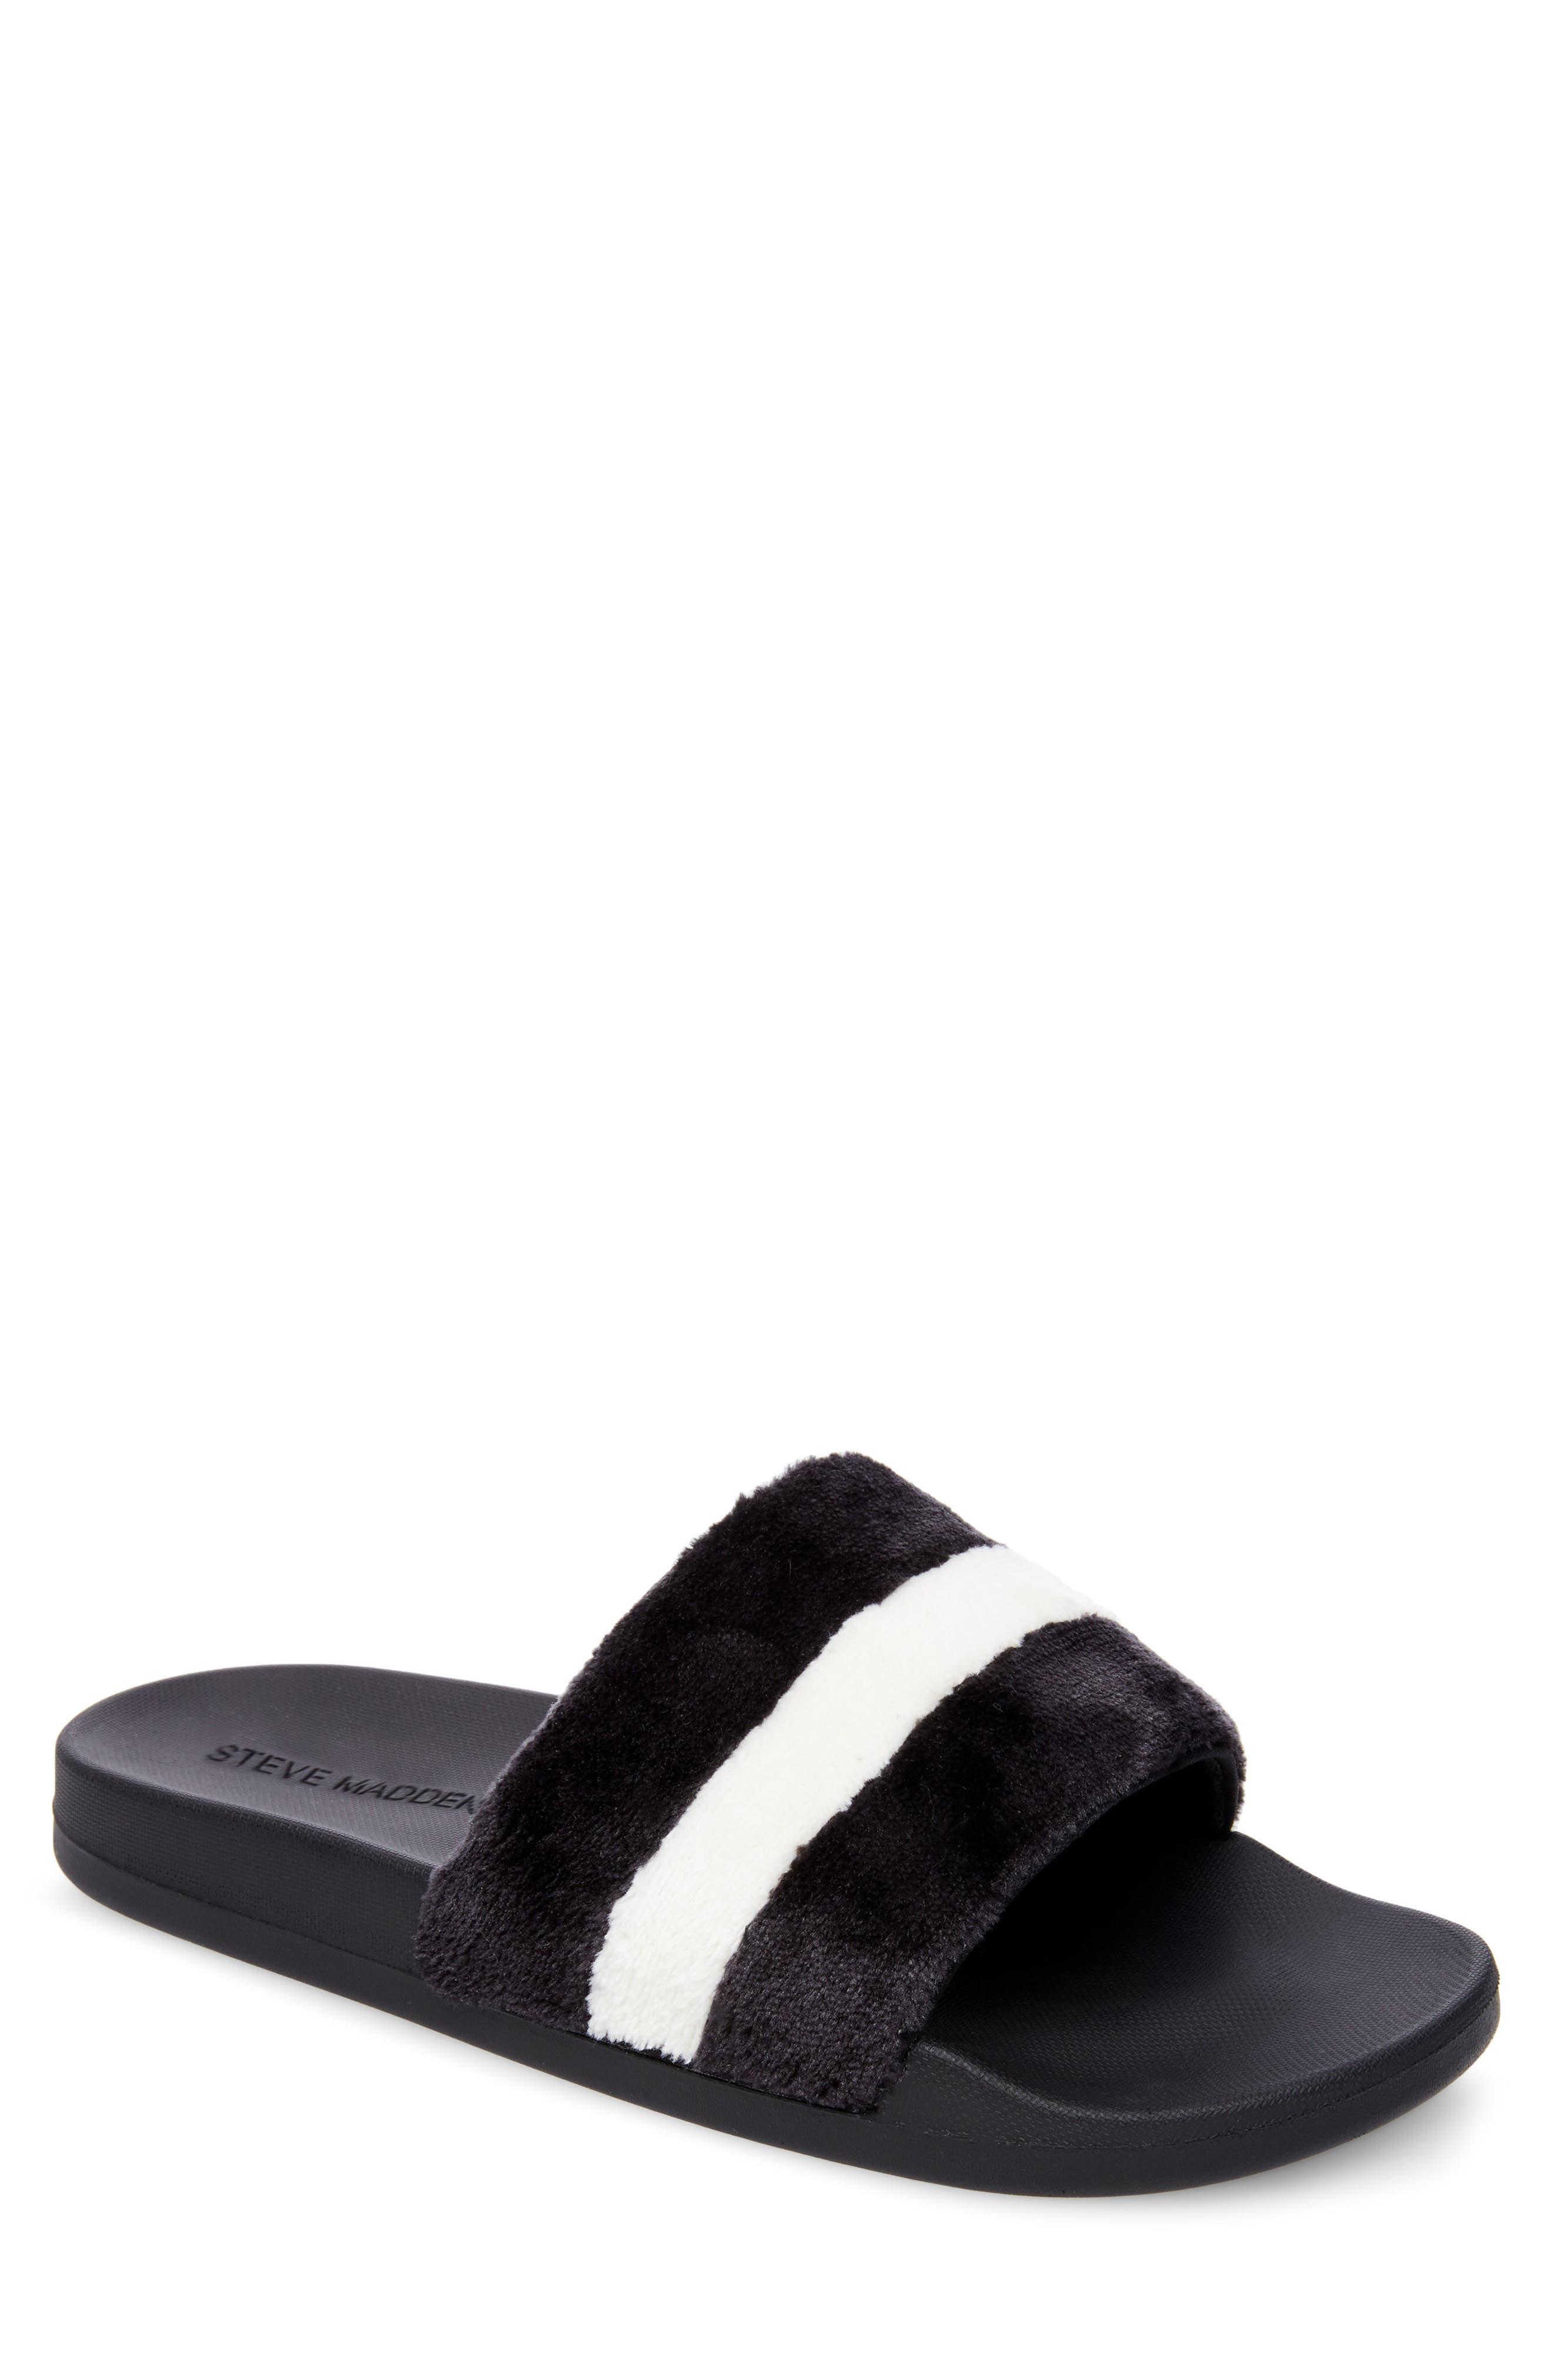 Resport Plush Slide Sandal,                         Main,                         color, Black/ White